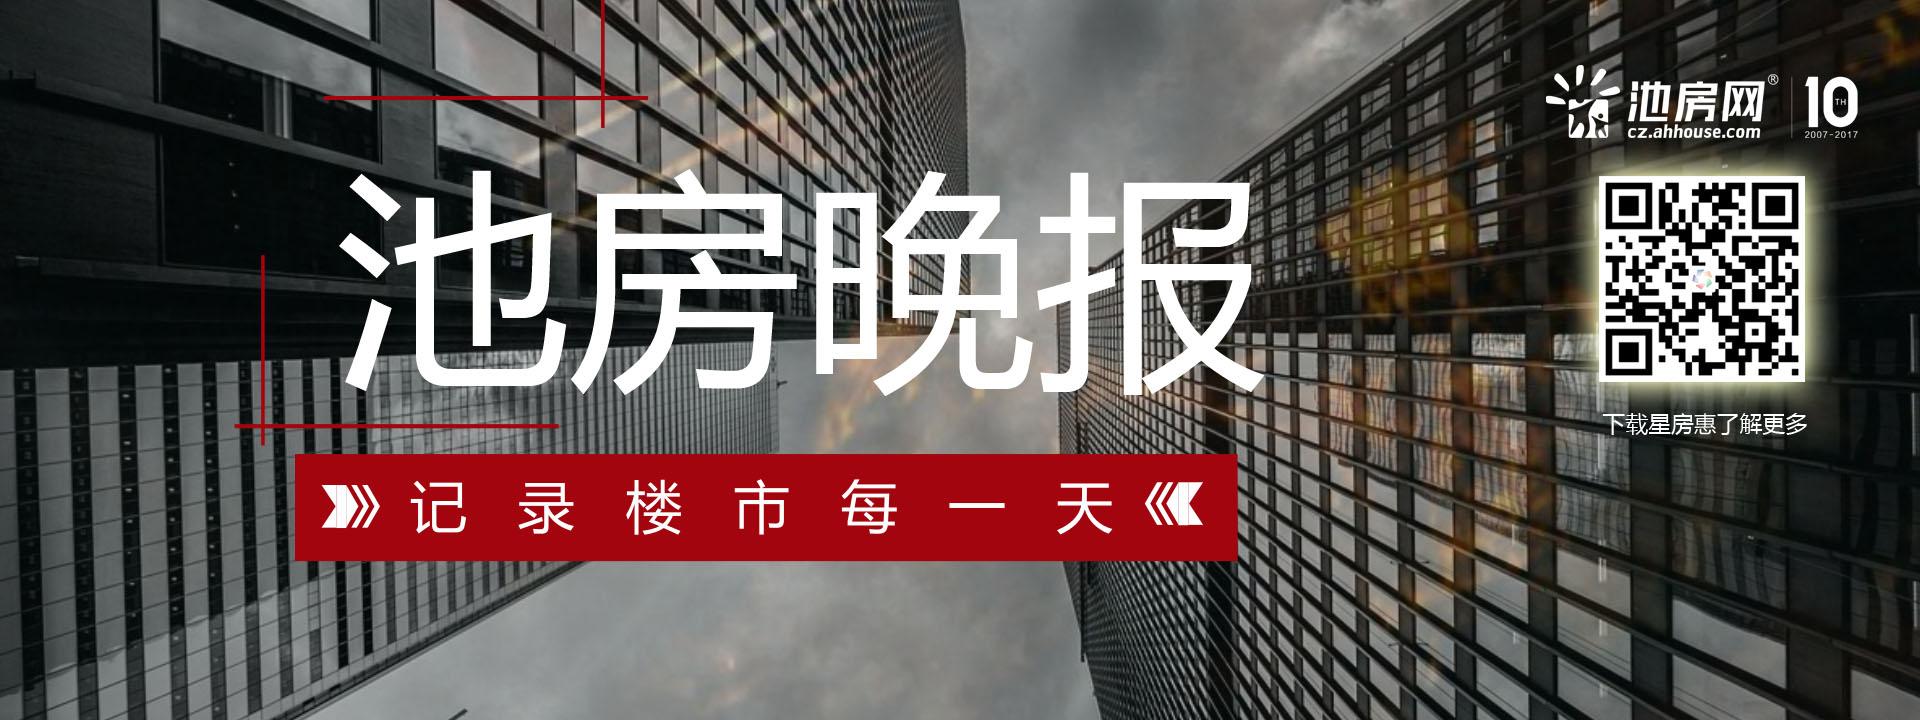 12月29日池房网晚报:2017年池州楼市开盘售罄成为关键词